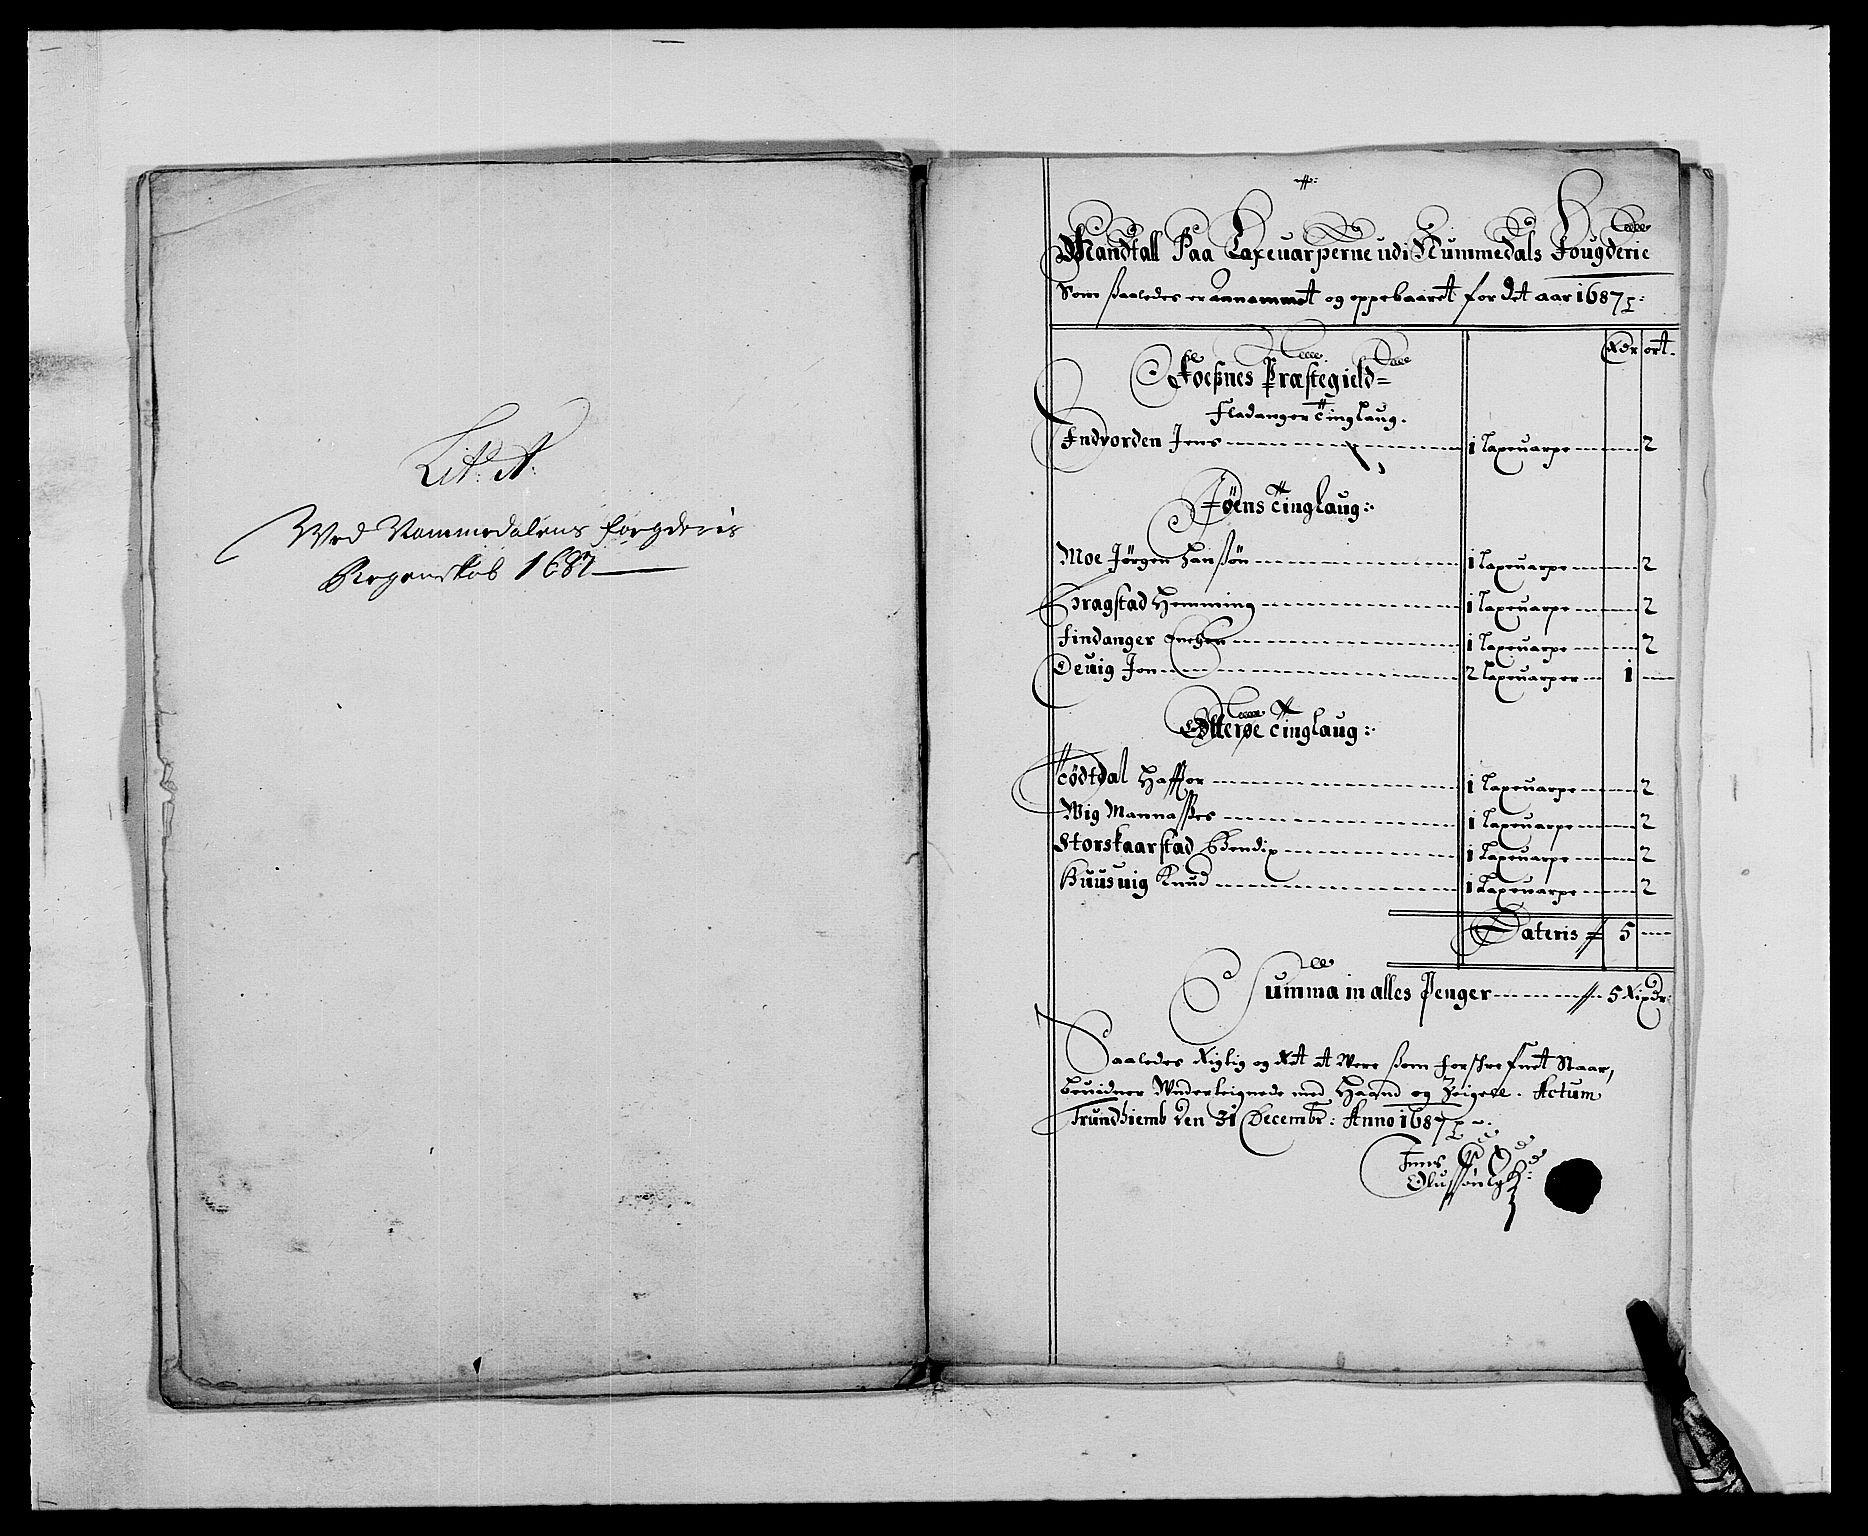 RA, Rentekammeret inntil 1814, Reviderte regnskaper, Fogderegnskap, R64/L4422: Fogderegnskap Namdal, 1687-1689, s. 11